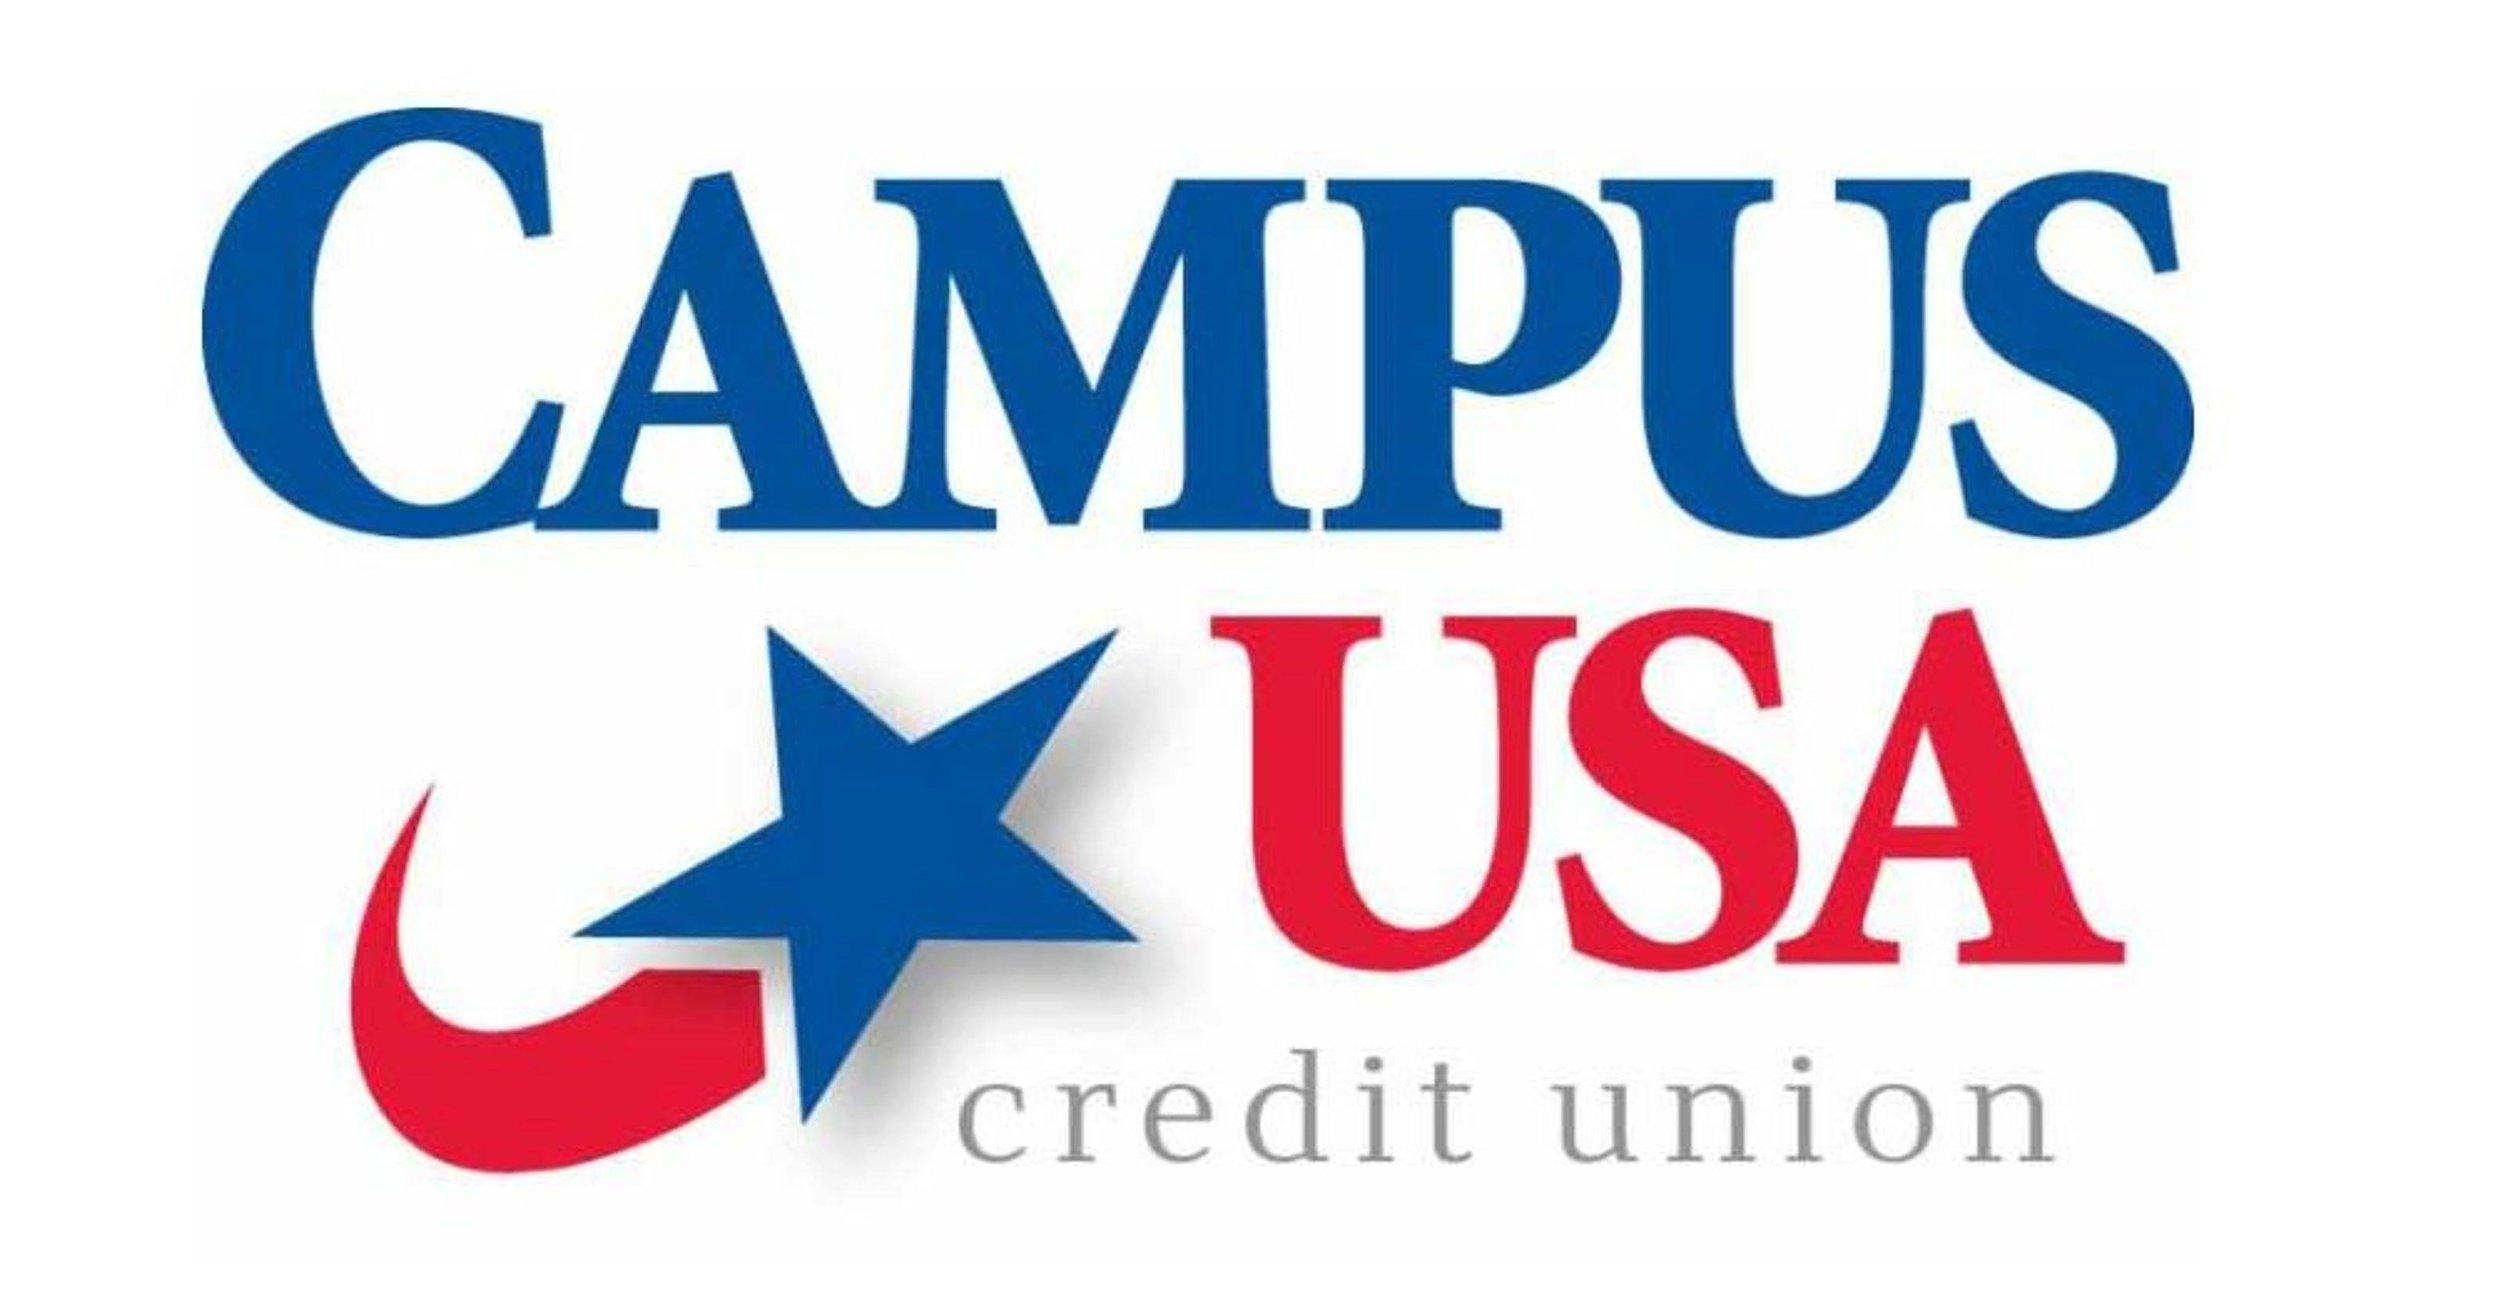 - www.campuscu.com